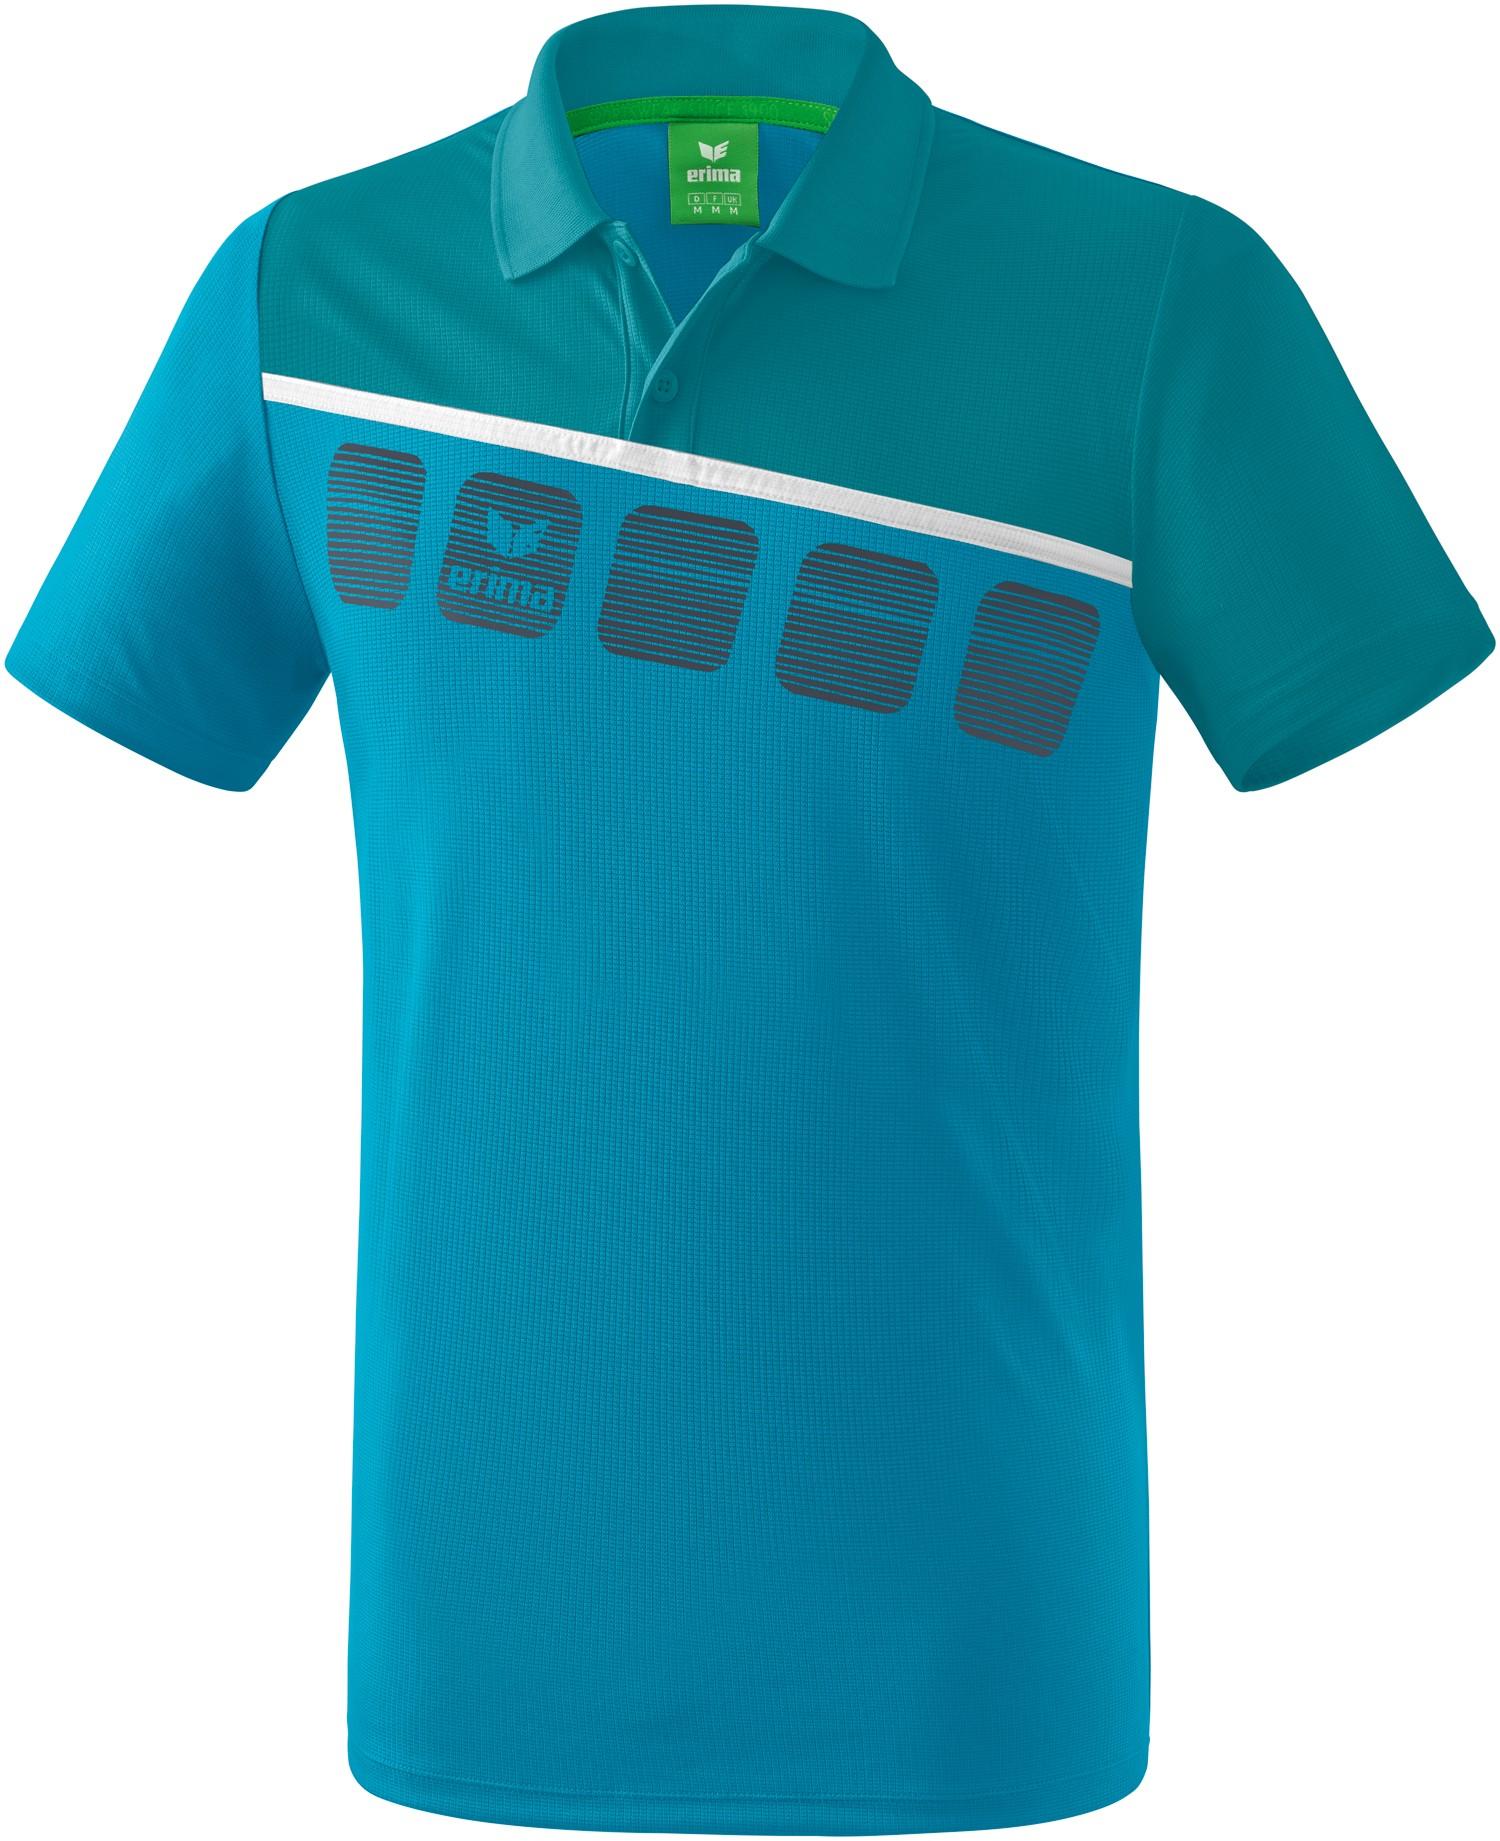 Erima 5-C Poloshirt Kinder, 164 Unisex 1111910